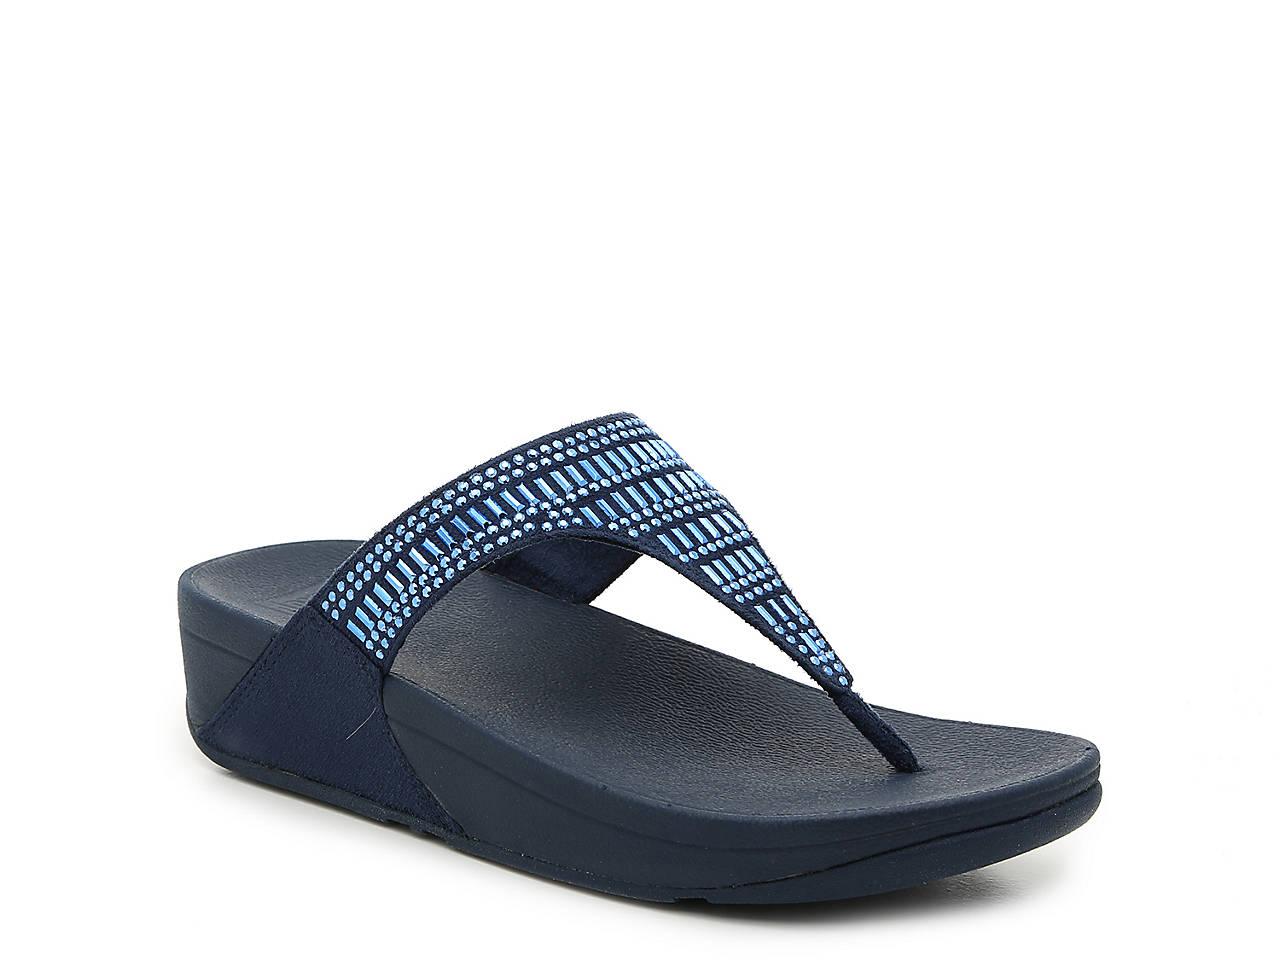 632e461d8 FitFlop Incastone Wedge Sandal Women s Shoes